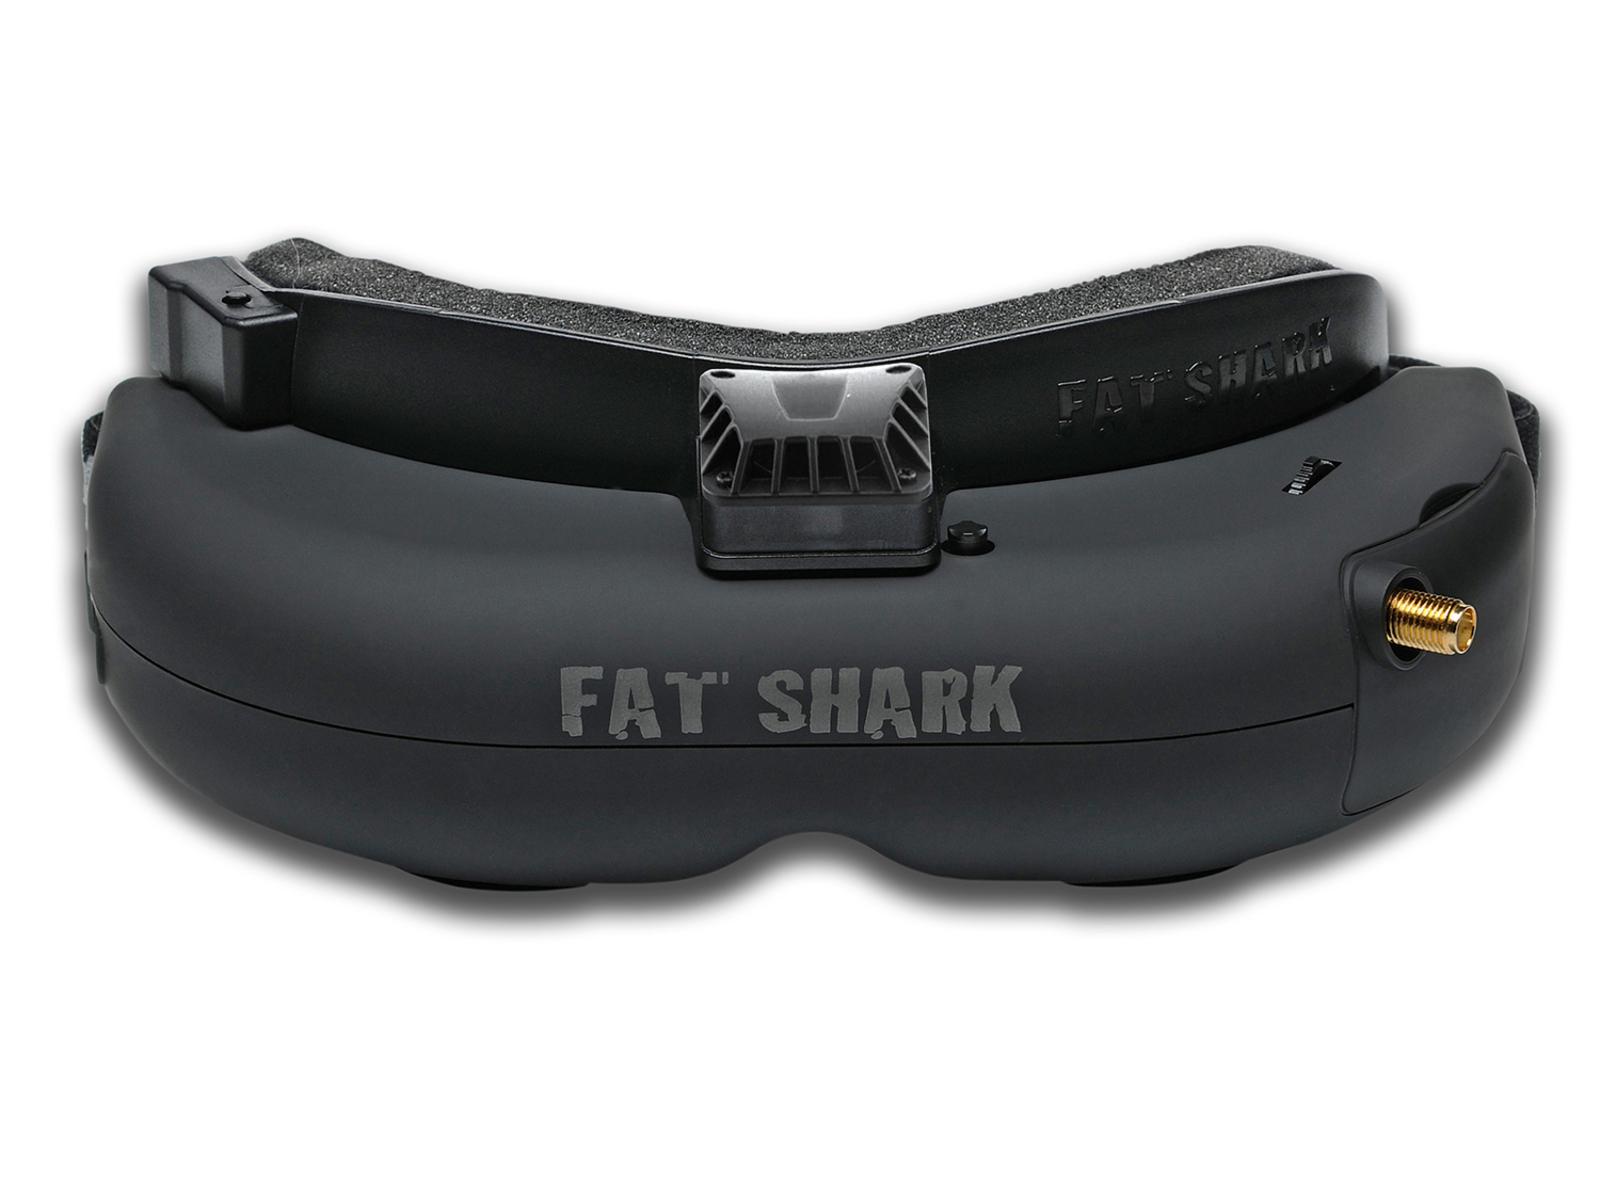 énorme inventaire San Francisco sélection mondiale de Lunettes Attitude V3 Fat Shark - FSV1045 - Dronelec